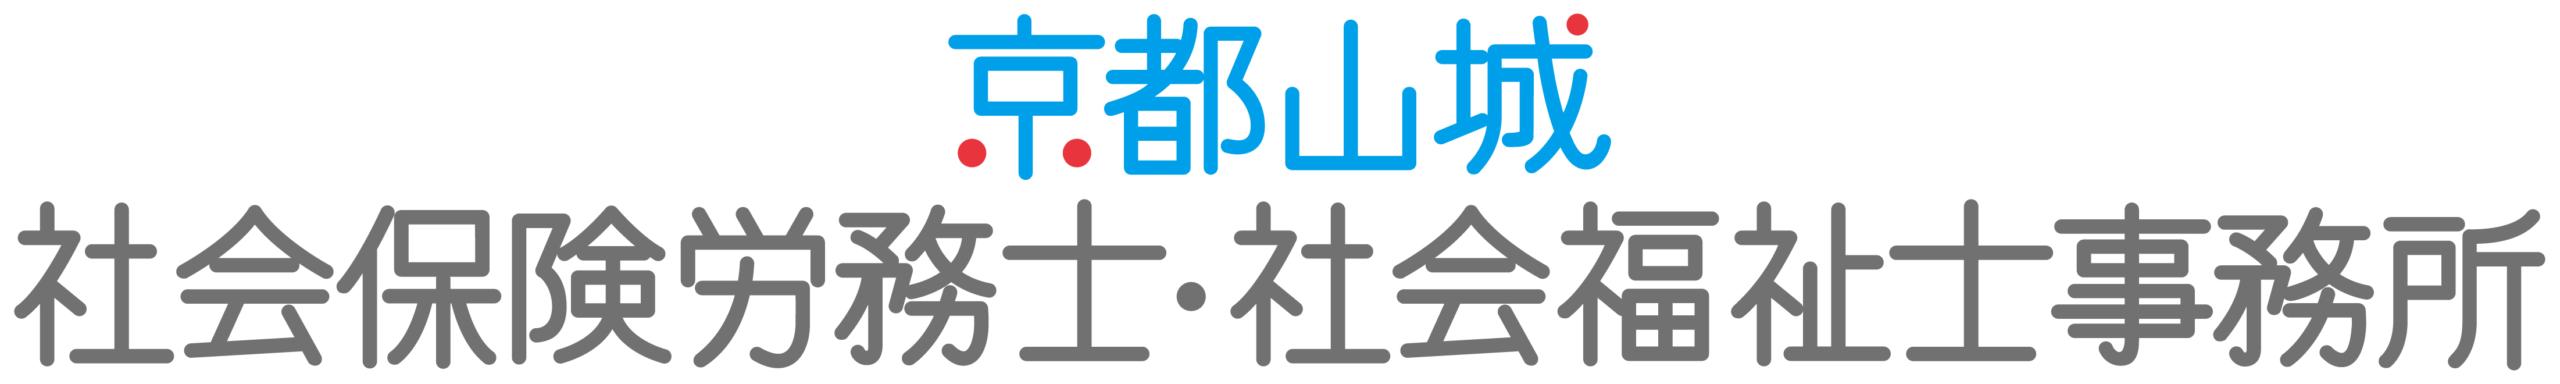 士業全般と親しみ/優しいとマルチカラーのロゴ